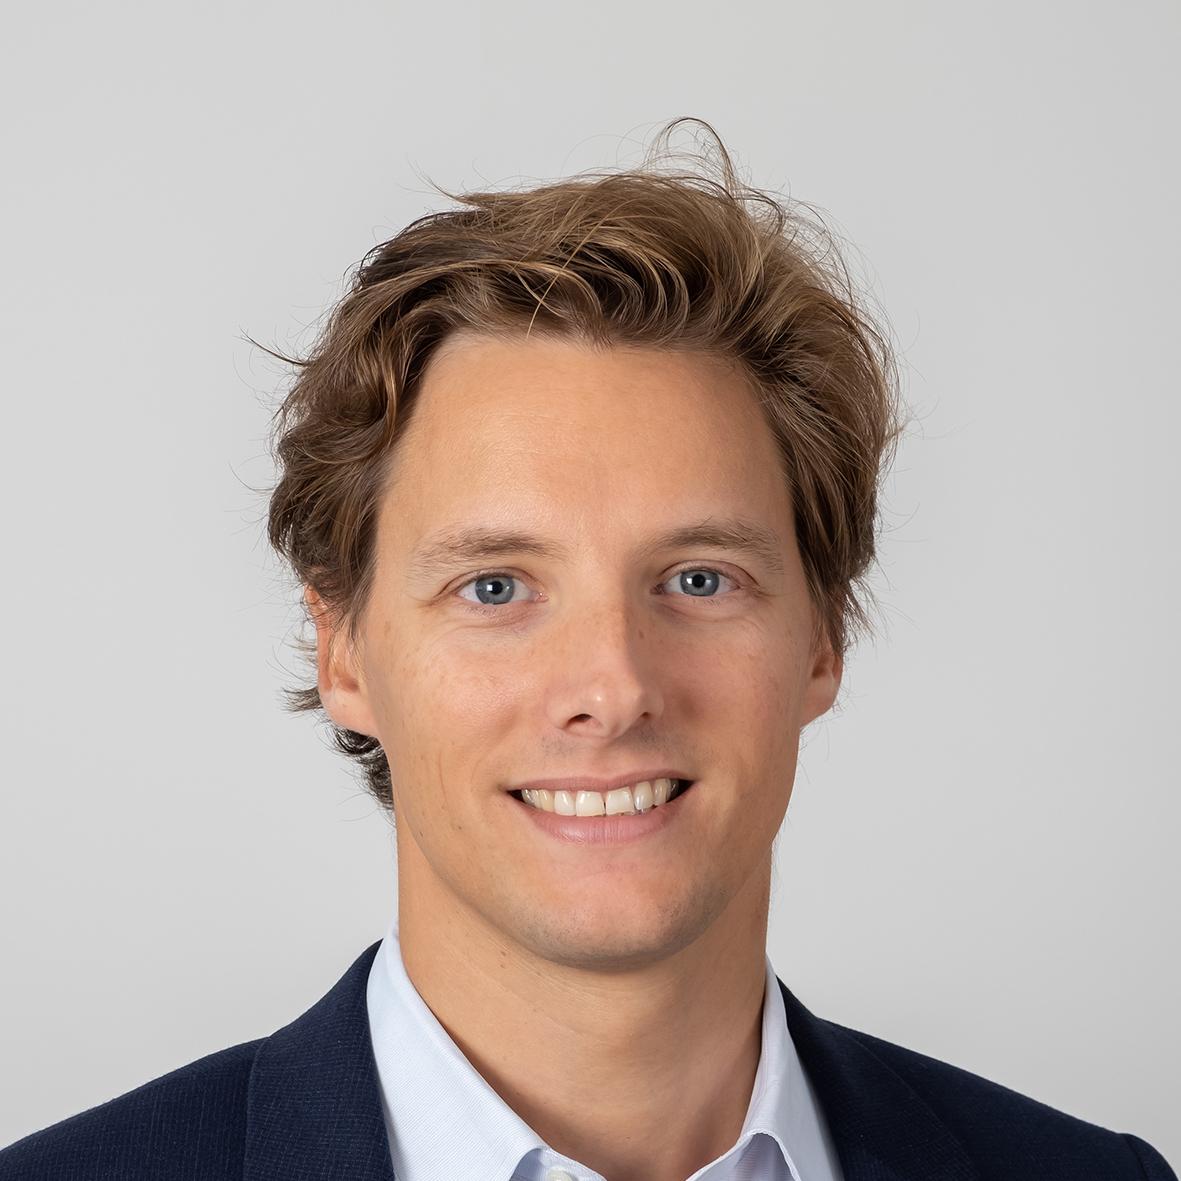 Thibault Richon, Swen Capital Partners